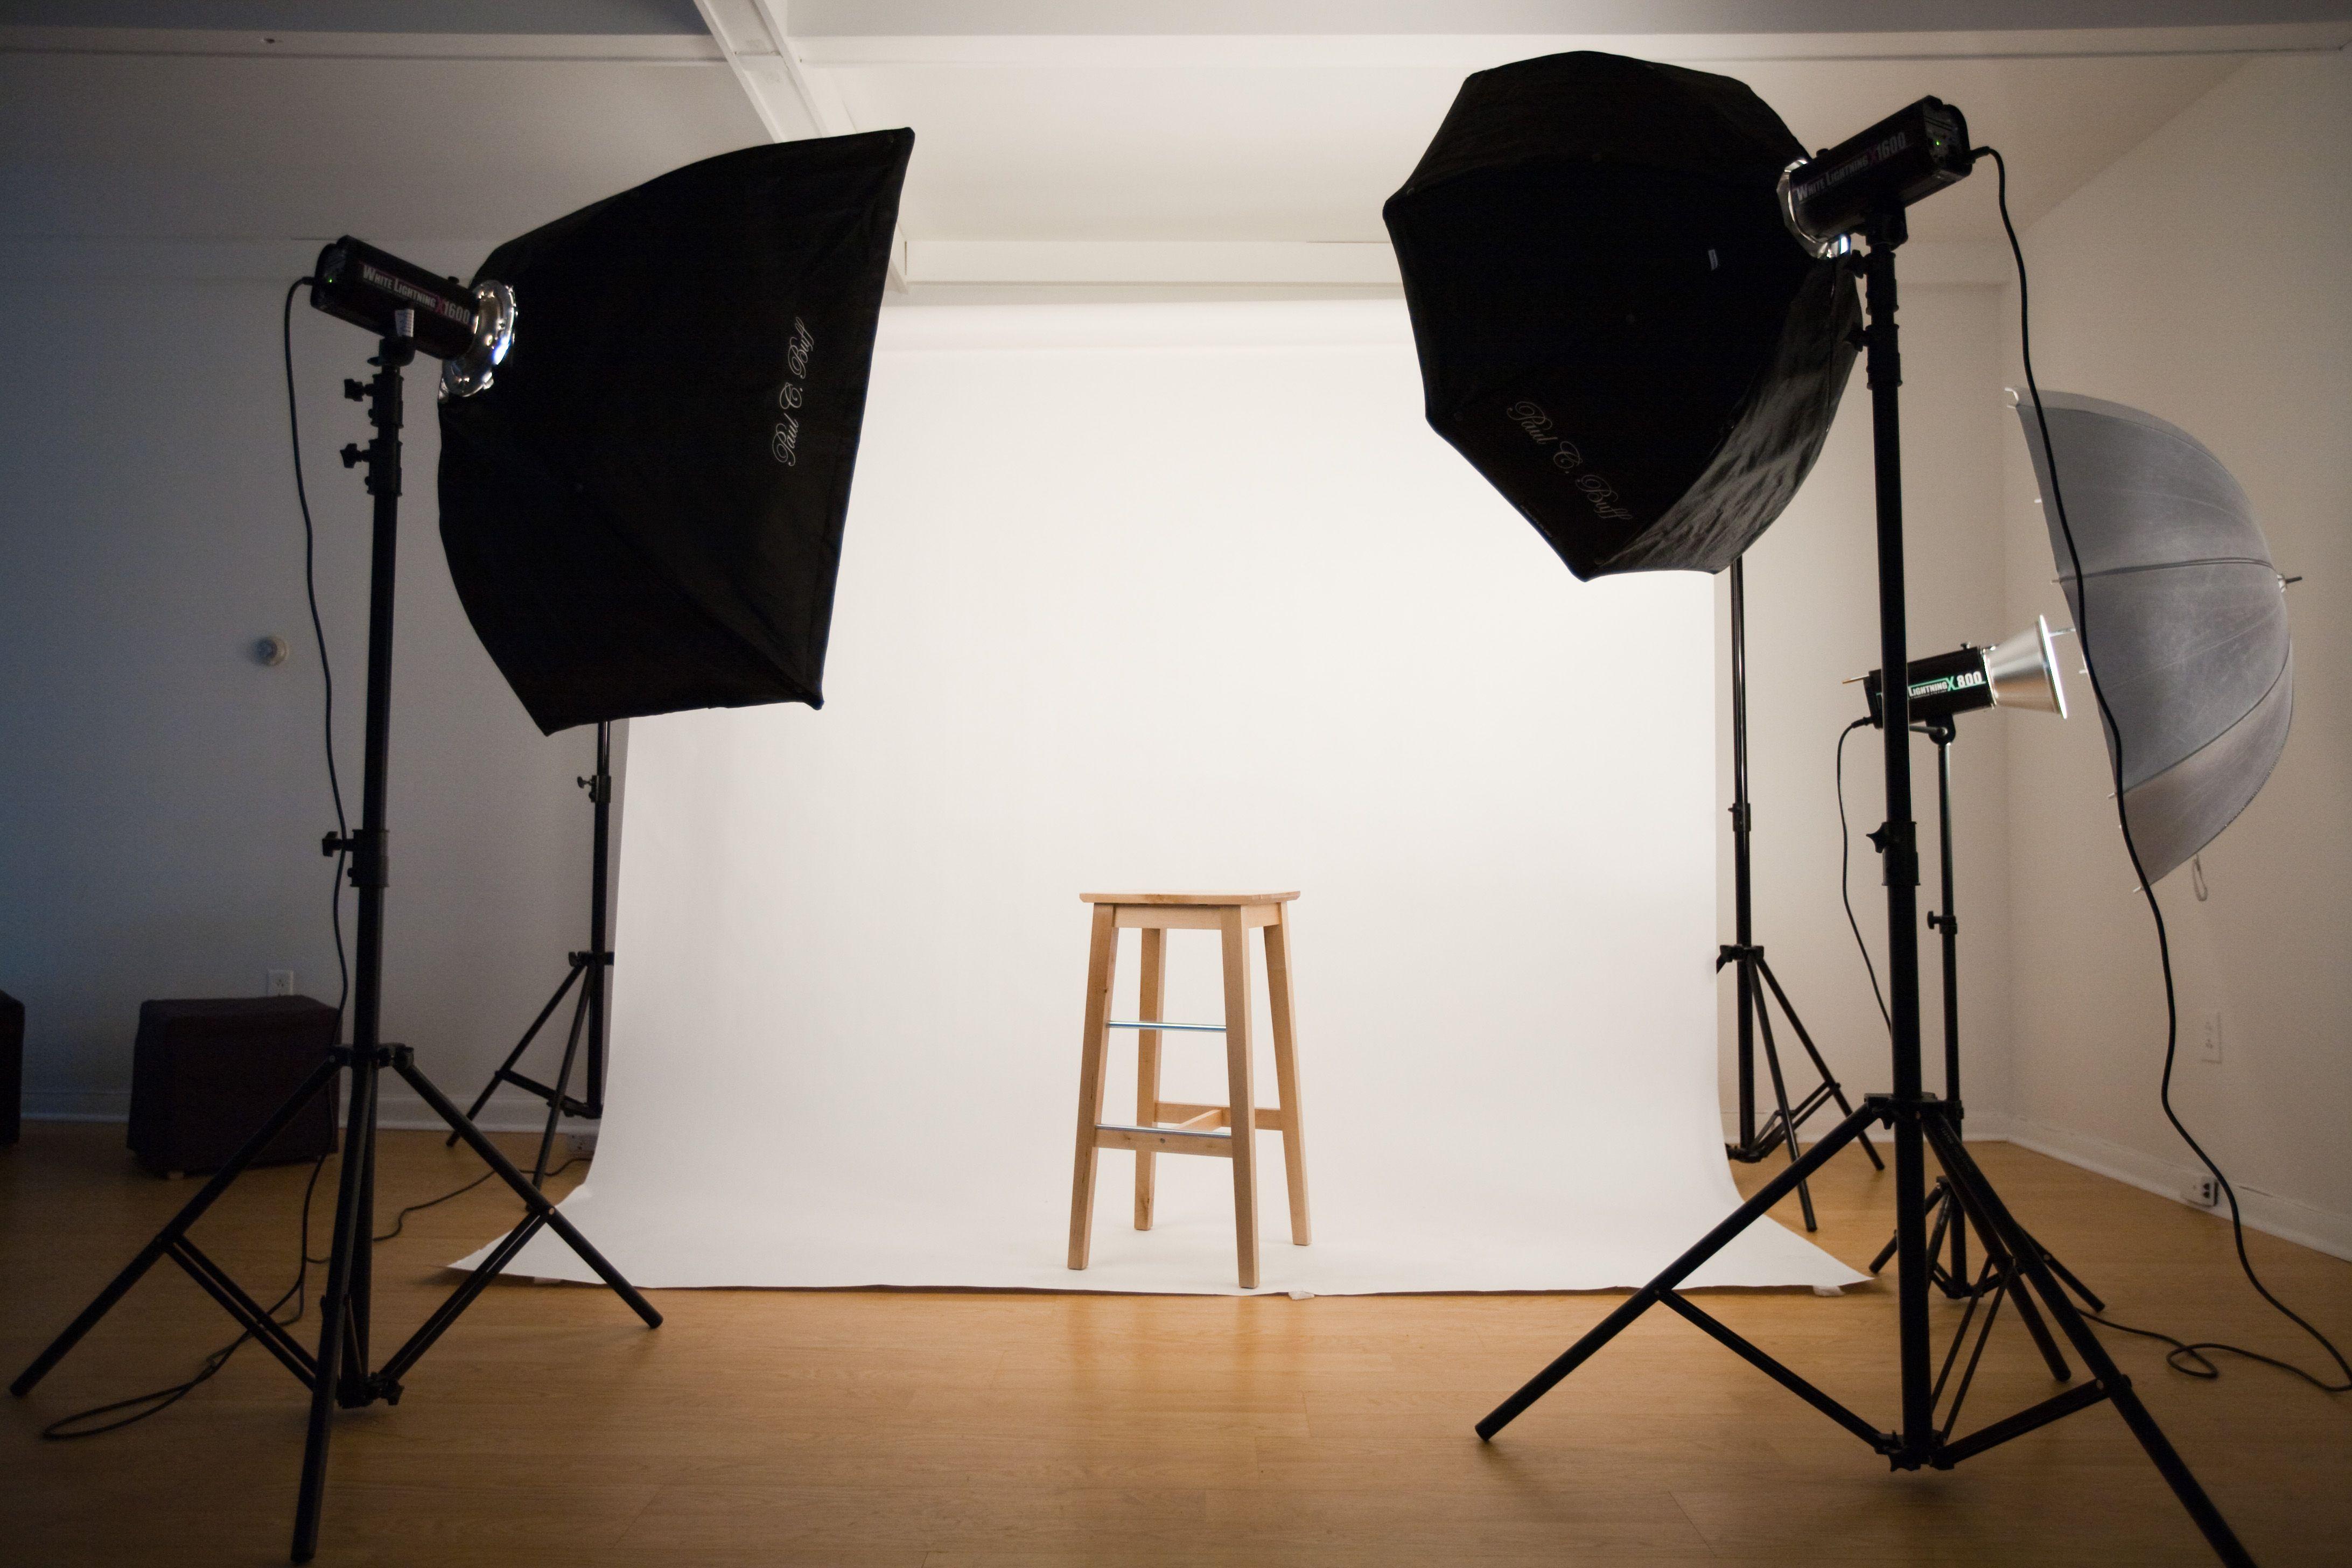 Studio Lighting Equipment | Photos | Pittsburgh Photography Studio Rental & Studio Lighting Equipment | Photos | Pittsburgh Photography Studio ... azcodes.com